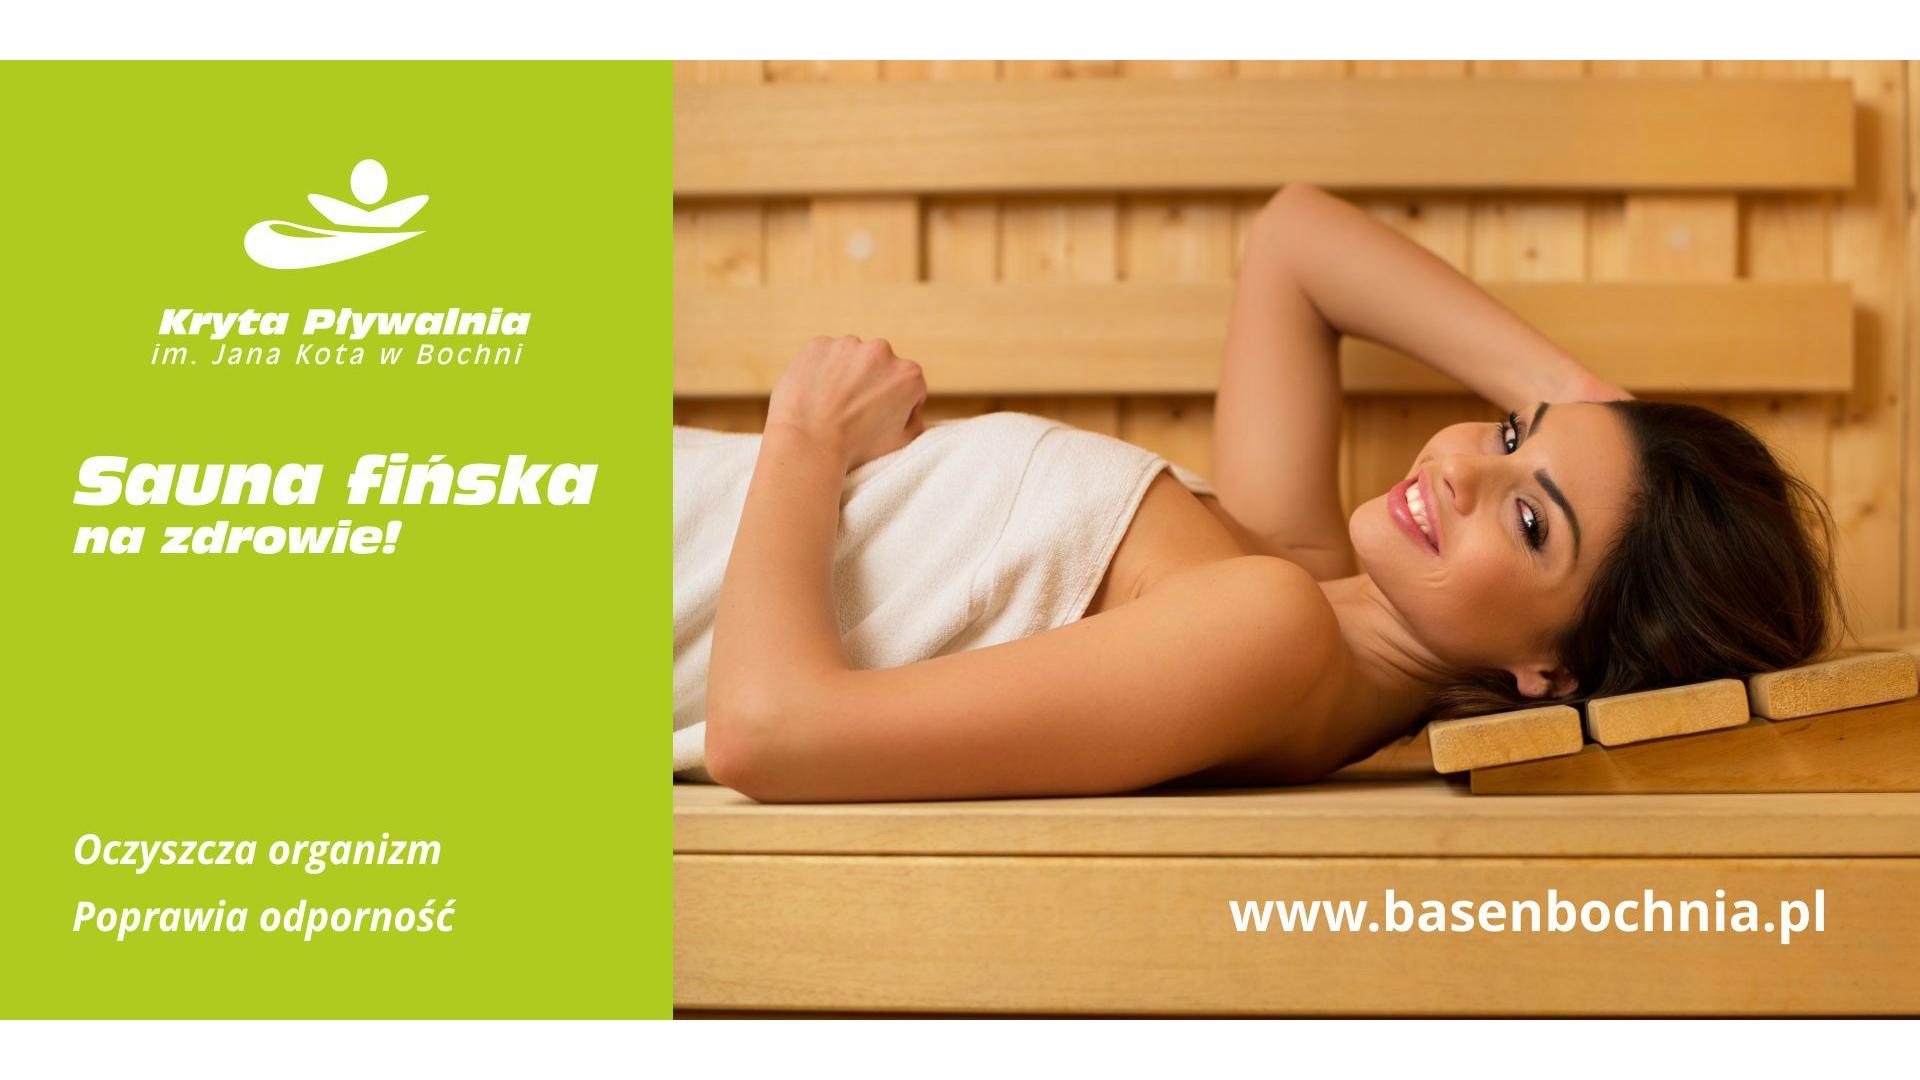 Sauna fińska czynna od 1 października